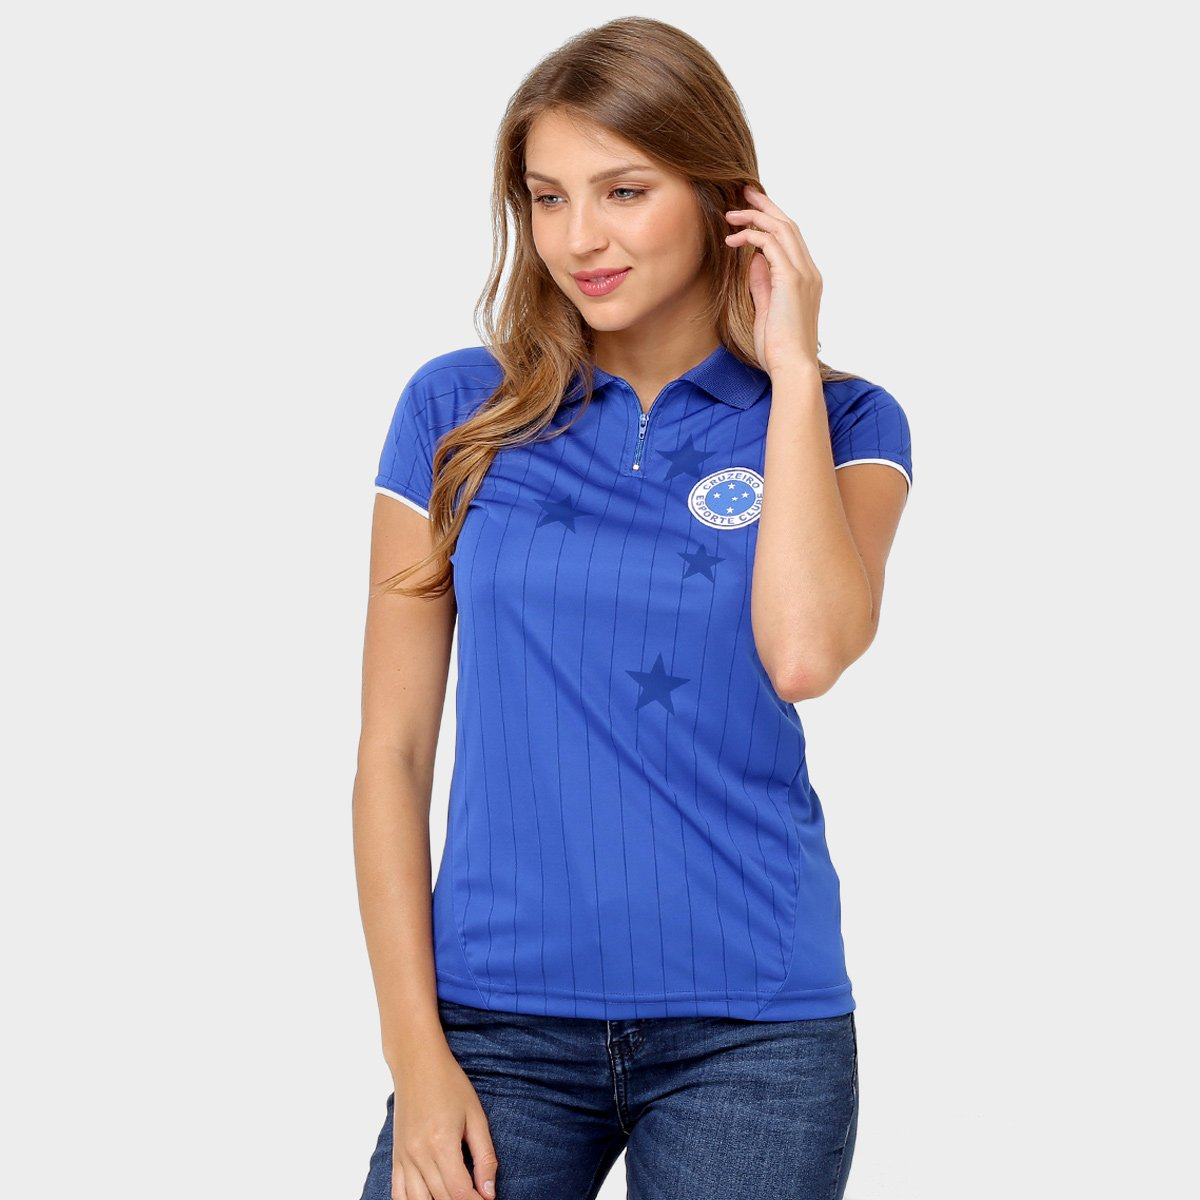 Camisa Polo Feminina Cruzeiro Tailormade - Compre Agora  4a4720b99d068